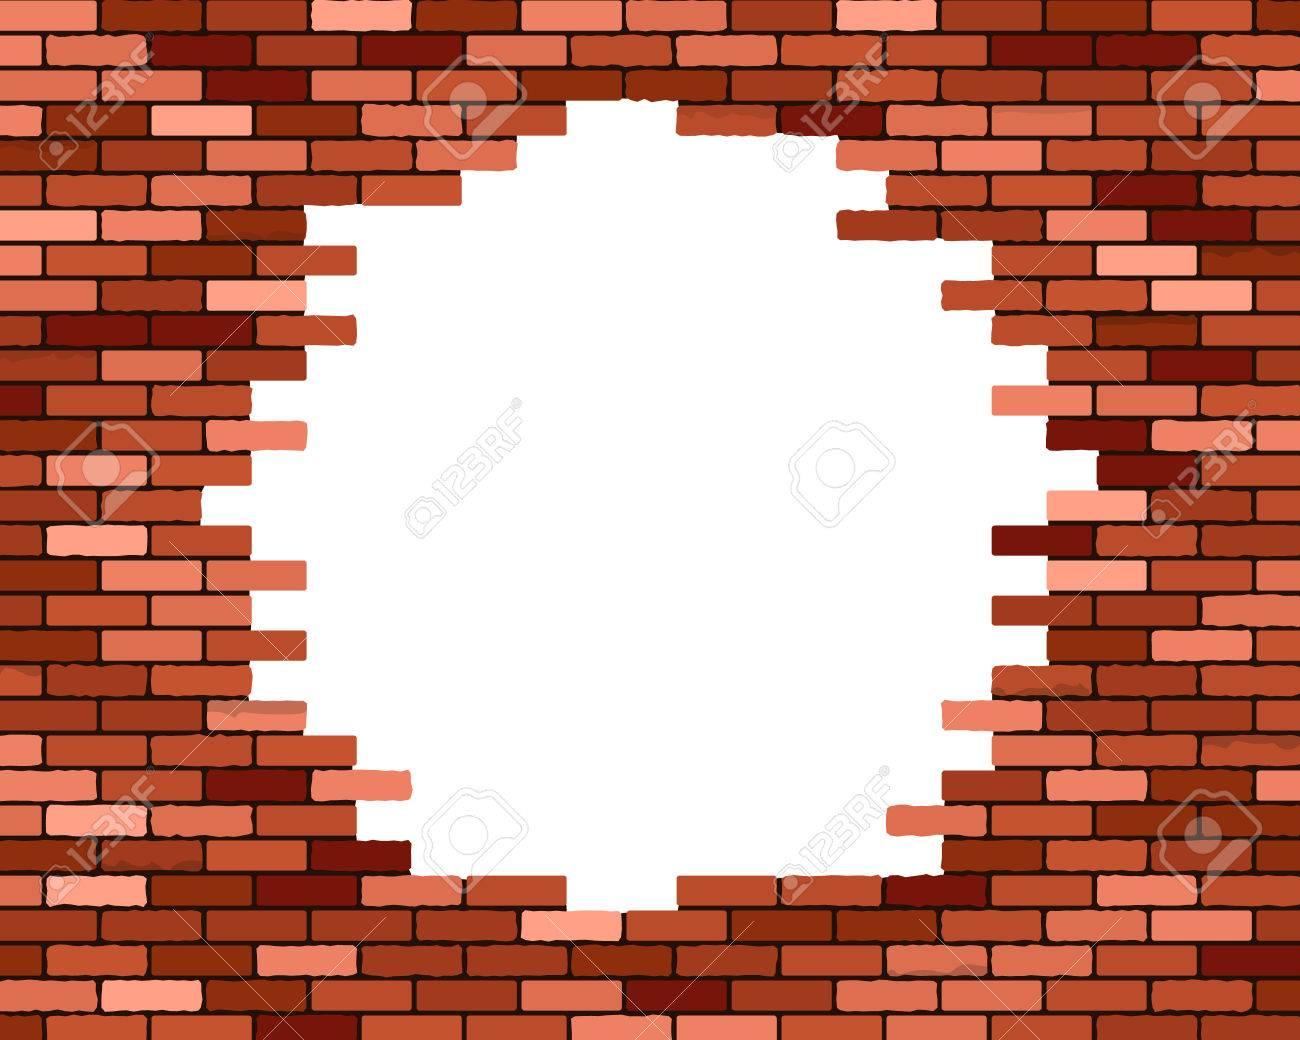 Broken Brick Wall Vector Eps10 Illustration Stock